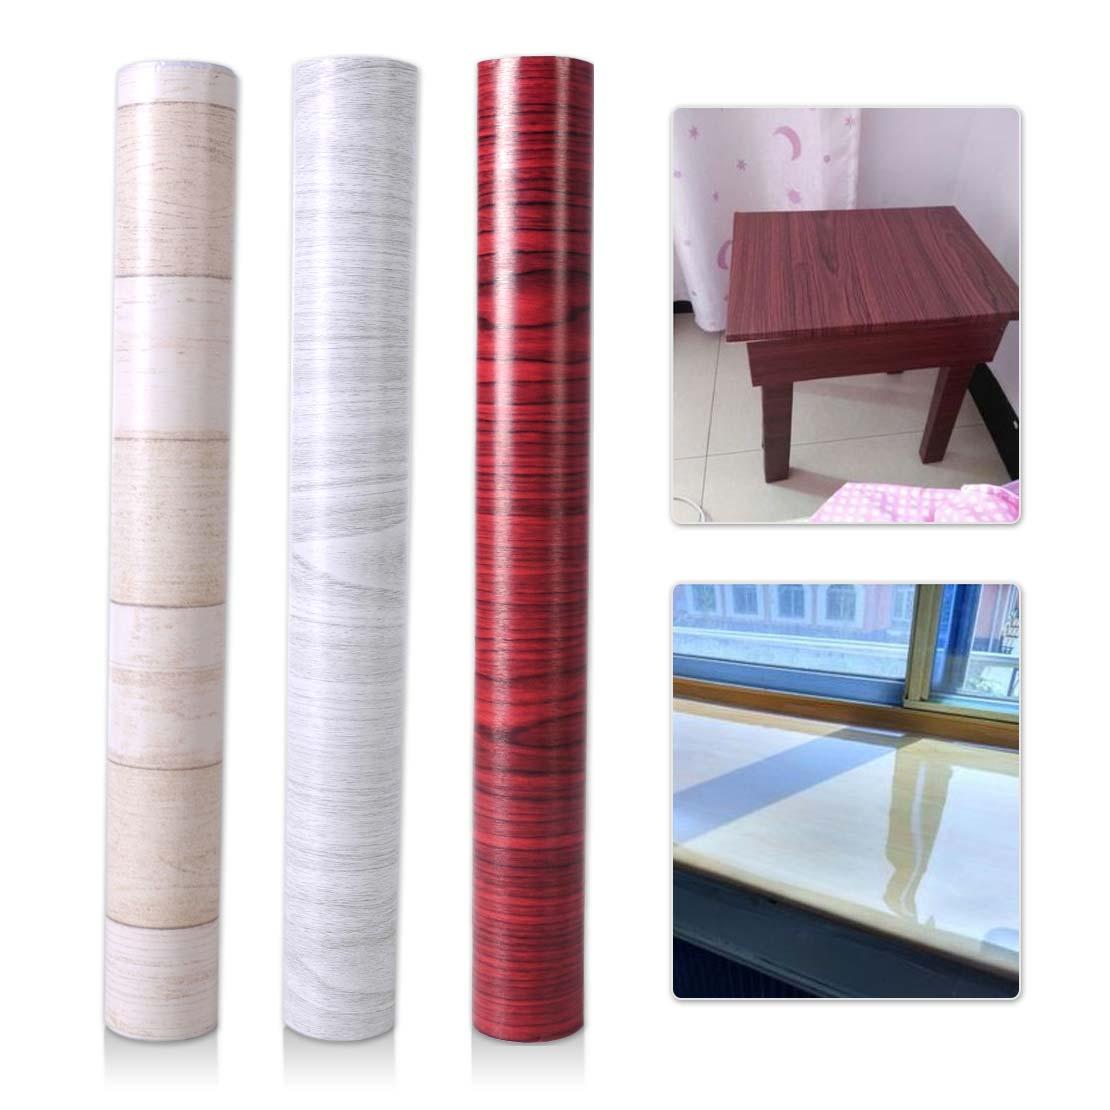 papier collant pour les murs promotion achetez des papier collant pour les murs promotionnels. Black Bedroom Furniture Sets. Home Design Ideas